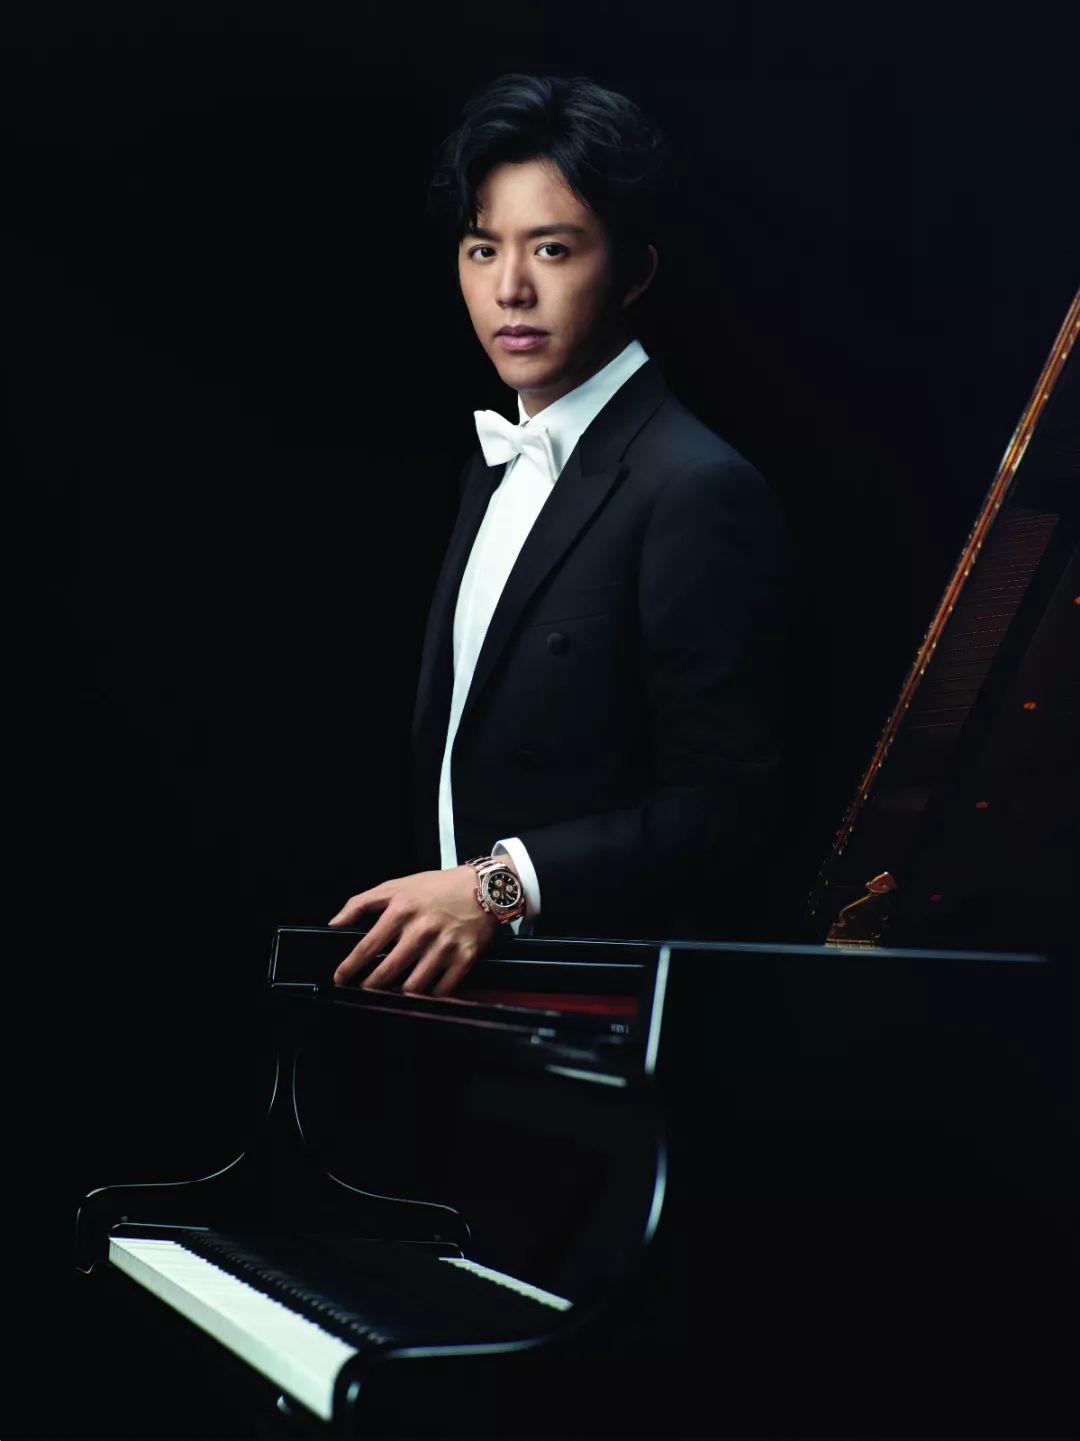 優先購丨鋼琴王子李云迪獨奏音樂會石家莊站,即將開票!